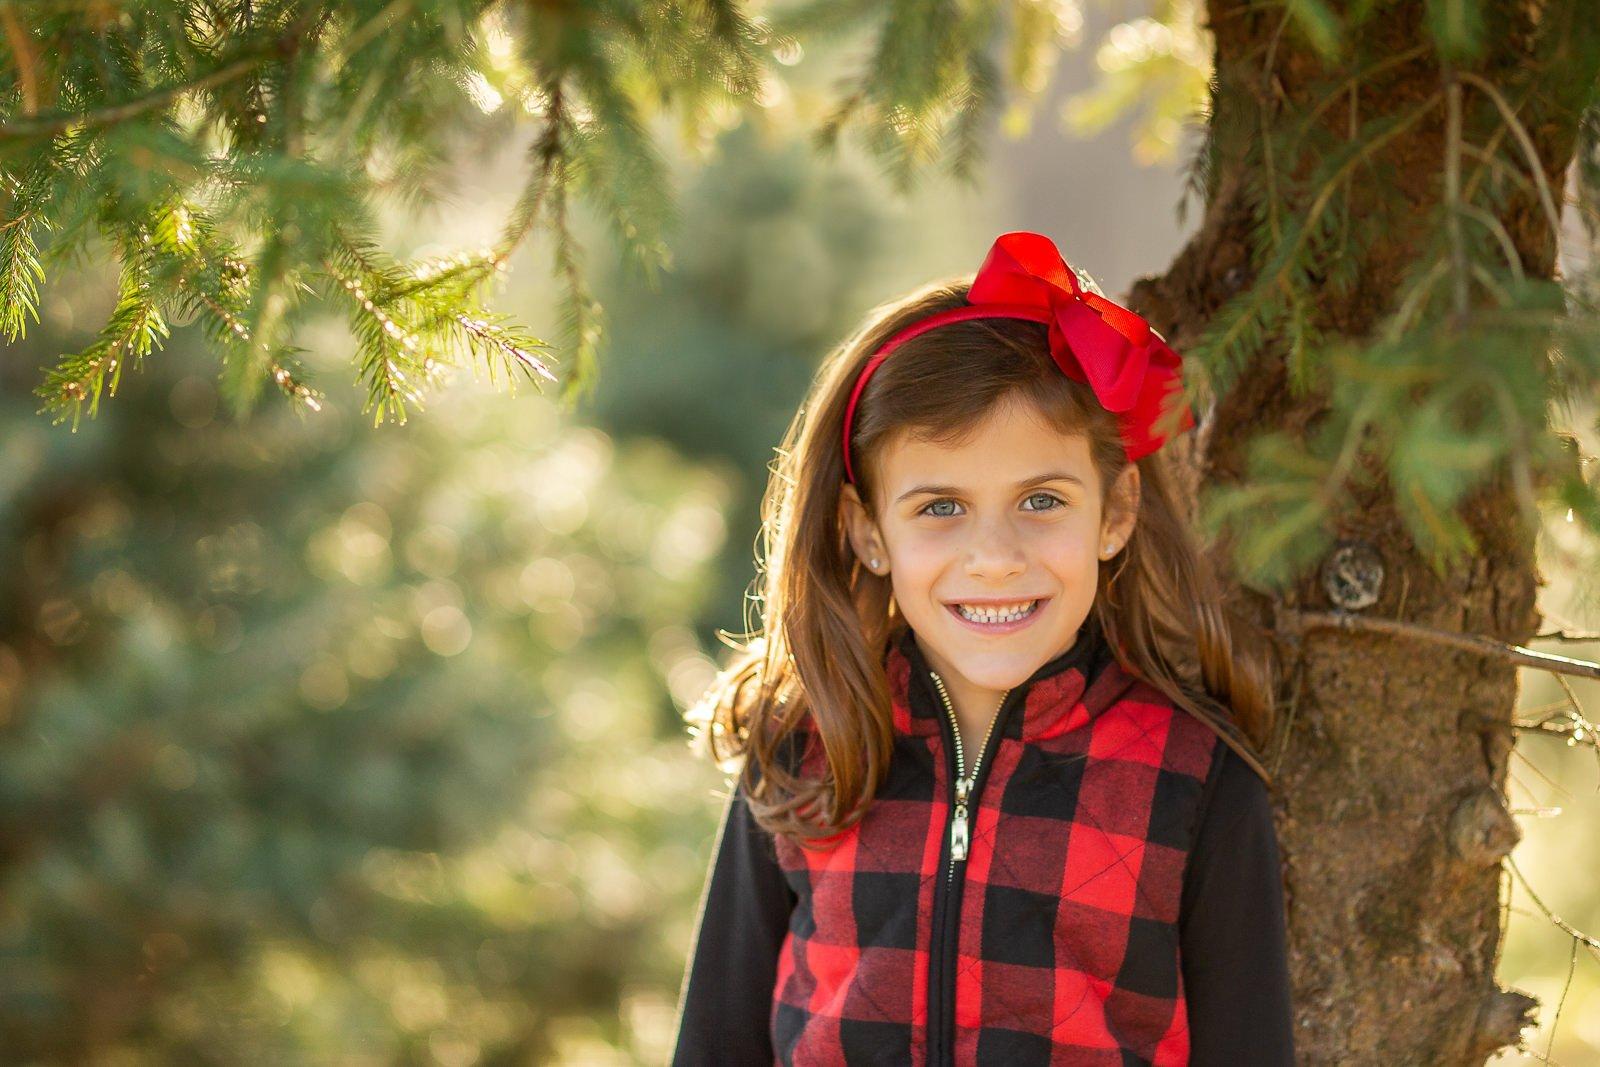 Tree Farm Family Photo Session Boston-18